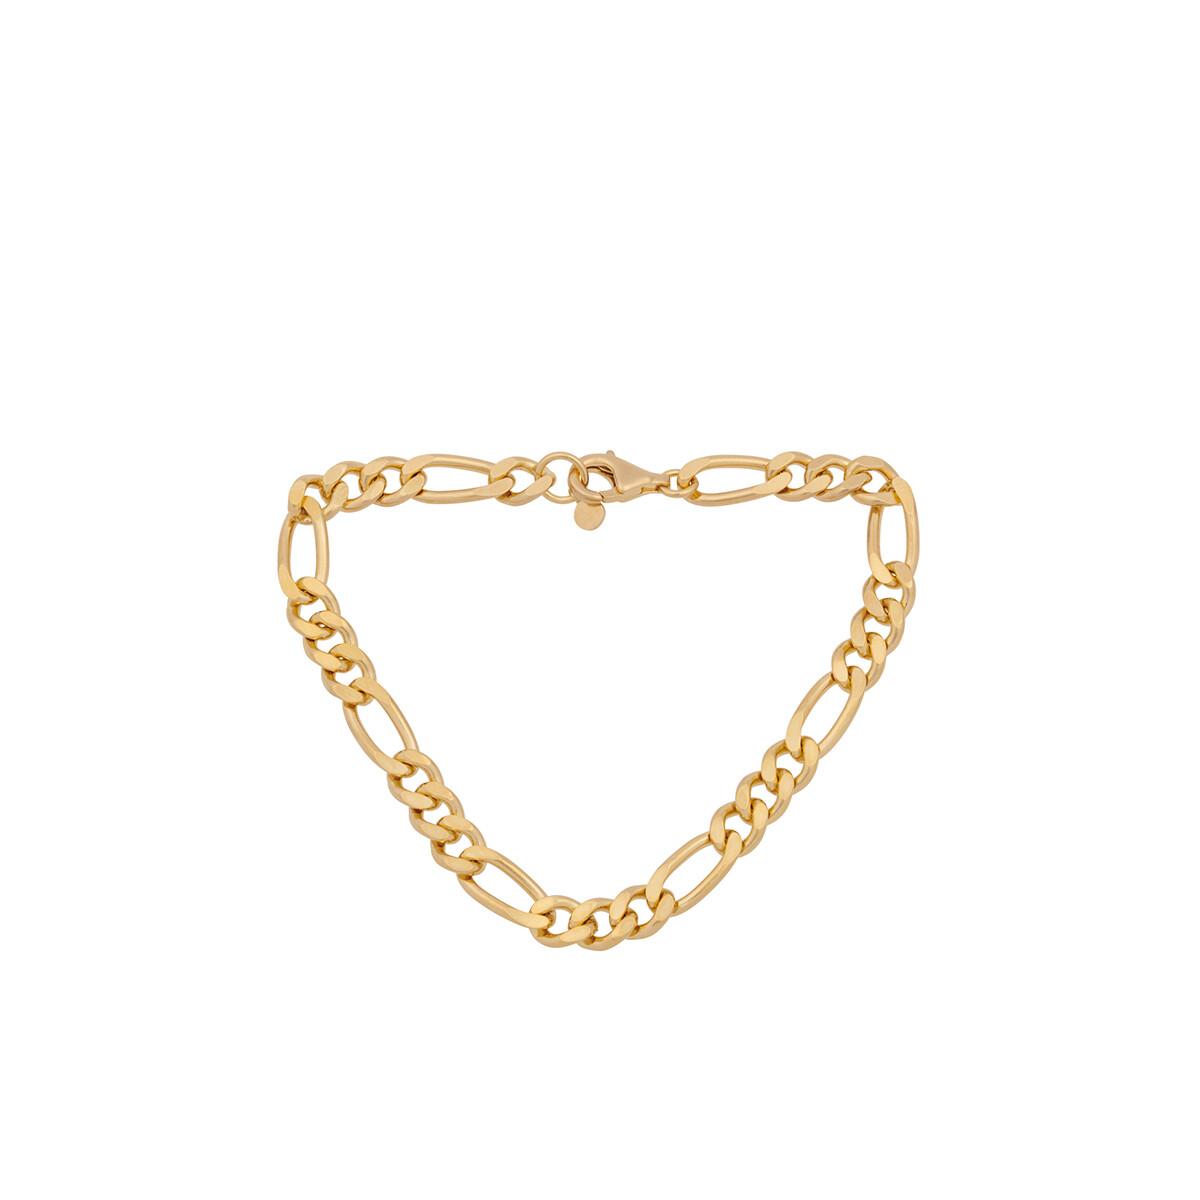 Pernille Corydon - Armbånd Element Bracelet Gull